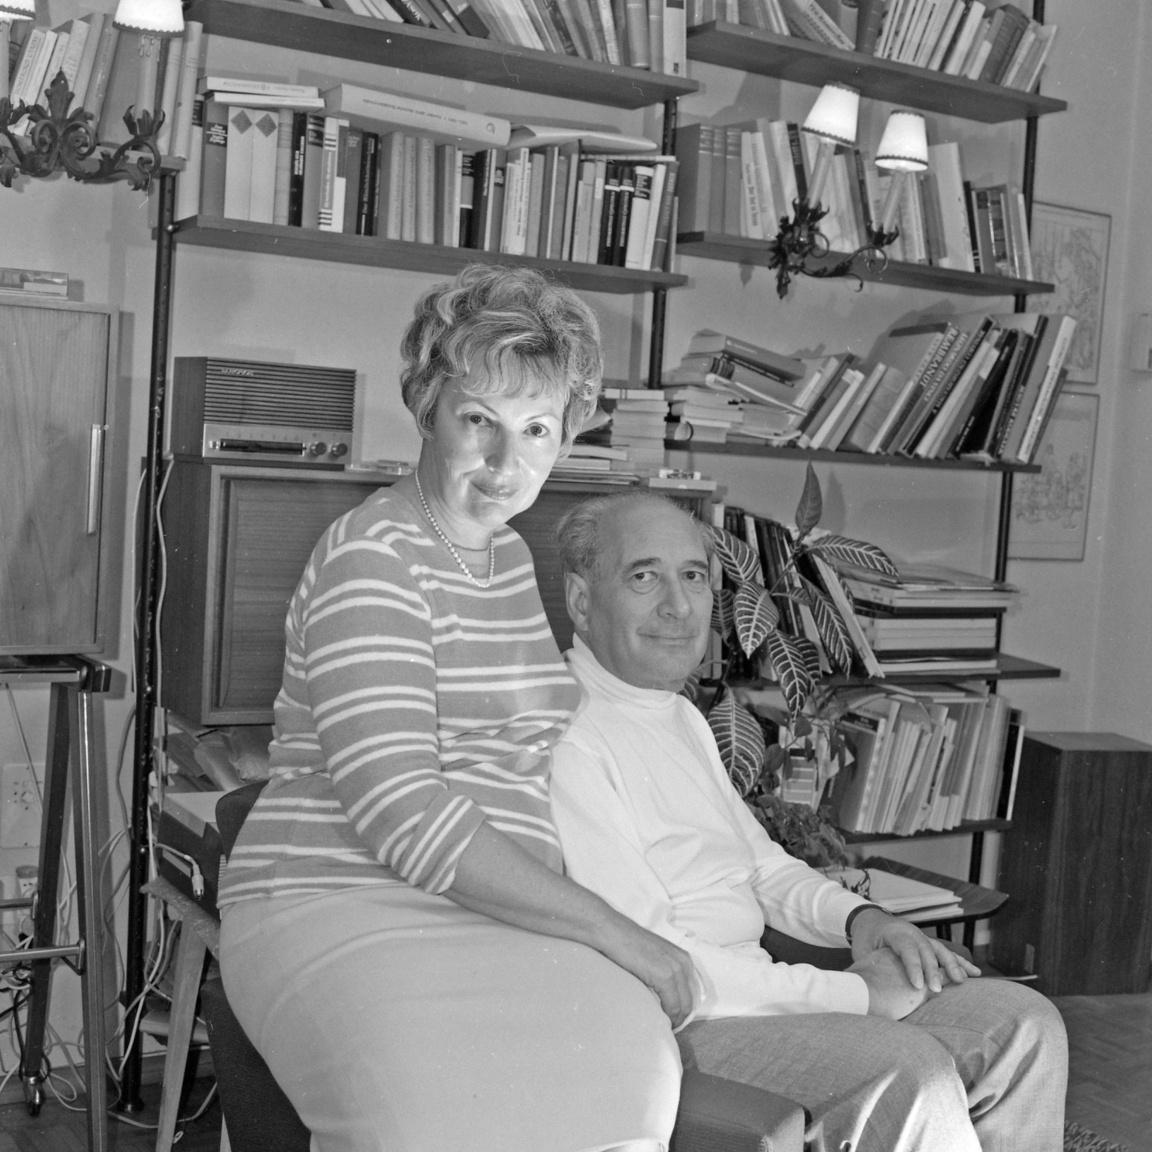 """Háy Gyula (1900-1975) és harmadik felesége, Majoros Éva. A ma már teljesen feledésbe merült író Julius Hay néven egykor Max Reinhardt és Bertold Brecht körében mozgott, és a német nyelvű színpadok sikerszerzője volt. Svájcban Arthur Koestlerrel barátkozott, aki így írt róla: """"keresztülvonult Európán egy bőrönddel, tele be nem mutatott színdarabokkal, amelyek vagyonát és jövőjét jelentették"""". Tíz Szovjetunióban eltöltött év után 1945-ben tért vissza Budapestre, és belevetette magát a kommunista kultúrharc legmélyebb bugyraiba: színpadon, filmgyárban, lapok és könyvek hasábjain megvallott hite 1951-ben Kossuth-díjat ért."""